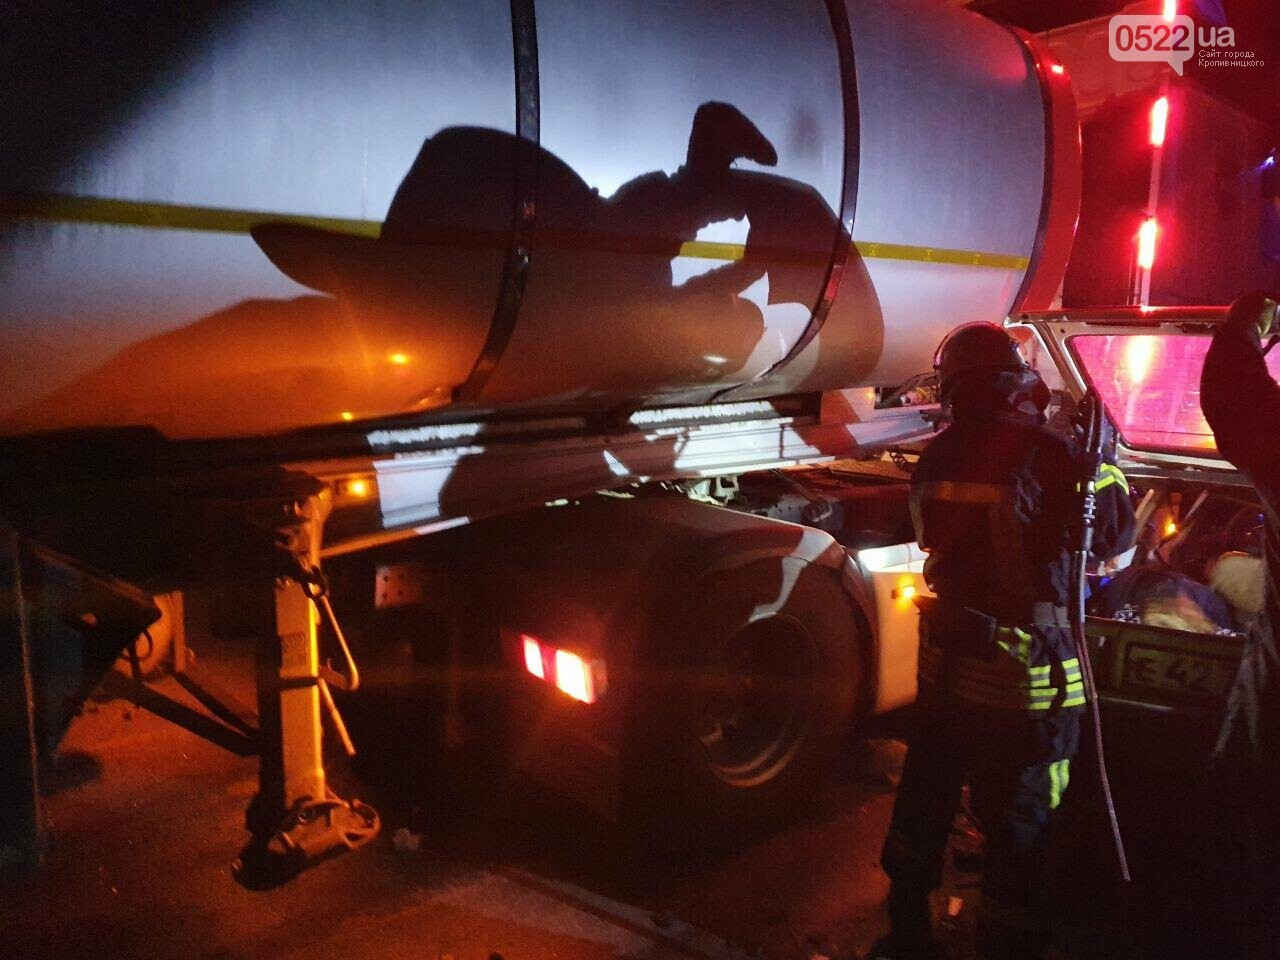 ДТП на Кіровоградщині: У результаті зіткнення вантажівки та легковика загинули 4 людини, фото-2